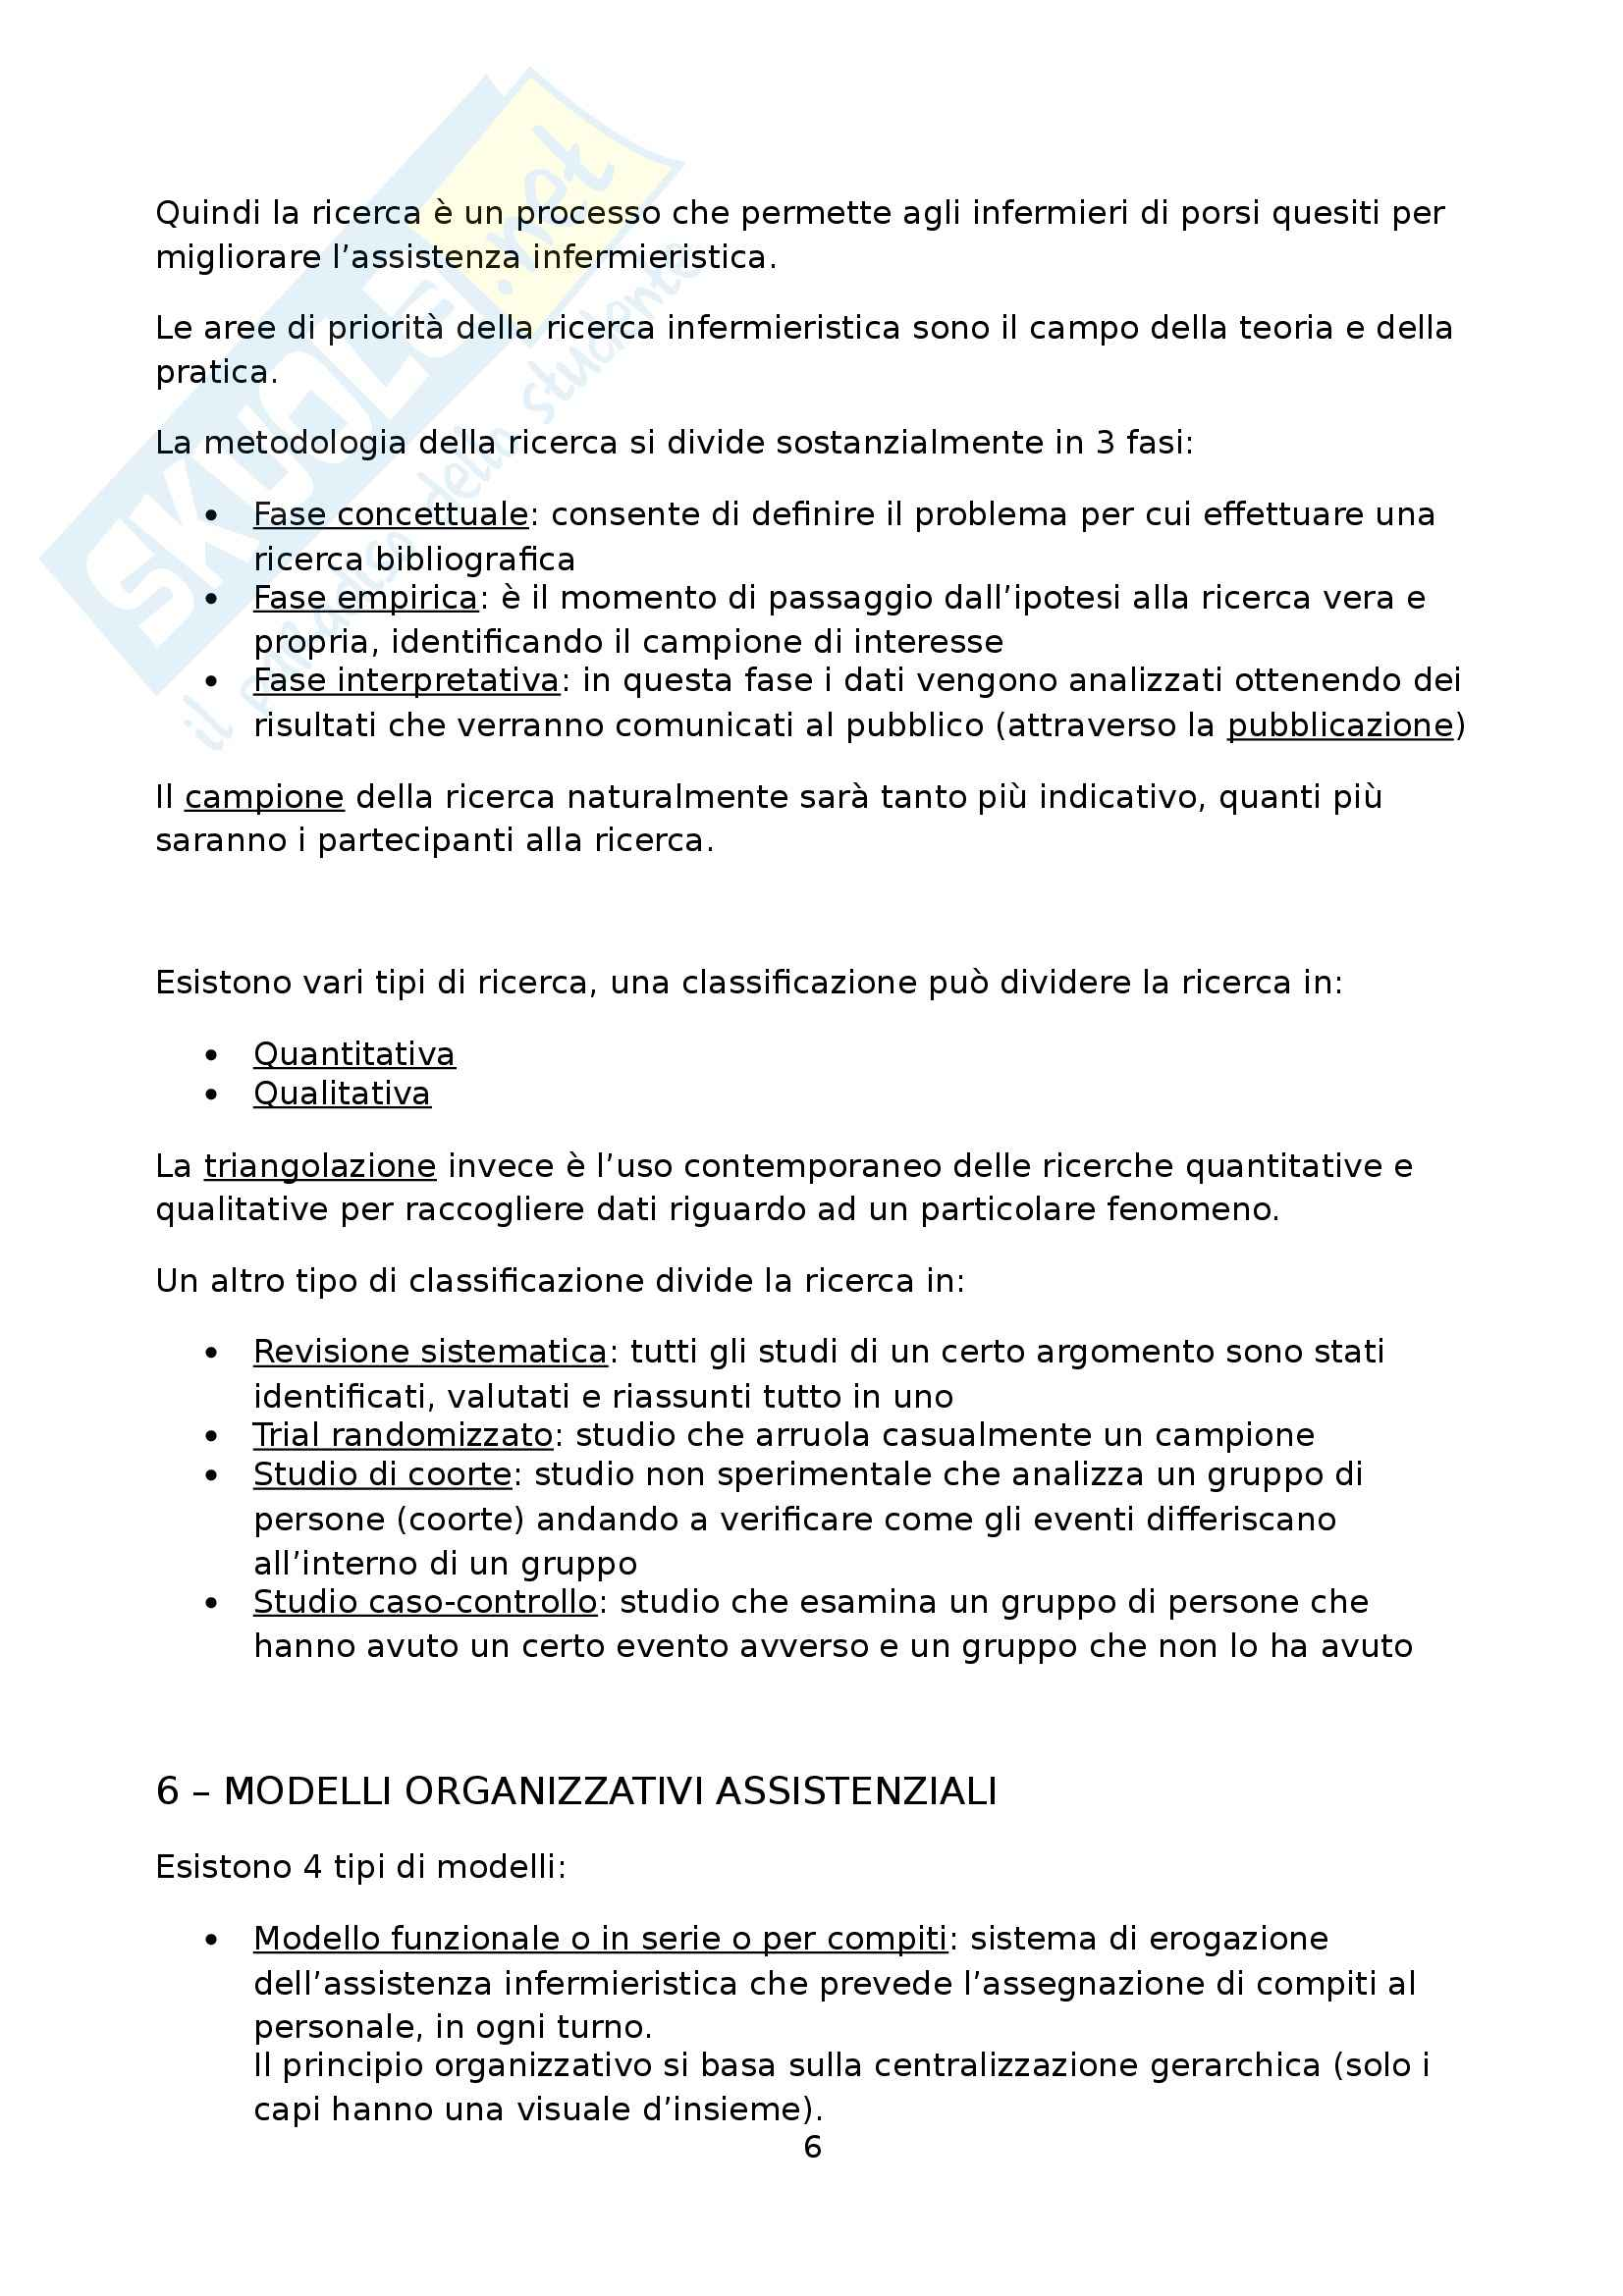 Infermieristica clinica III - Metodologia della ricerca Pag. 6